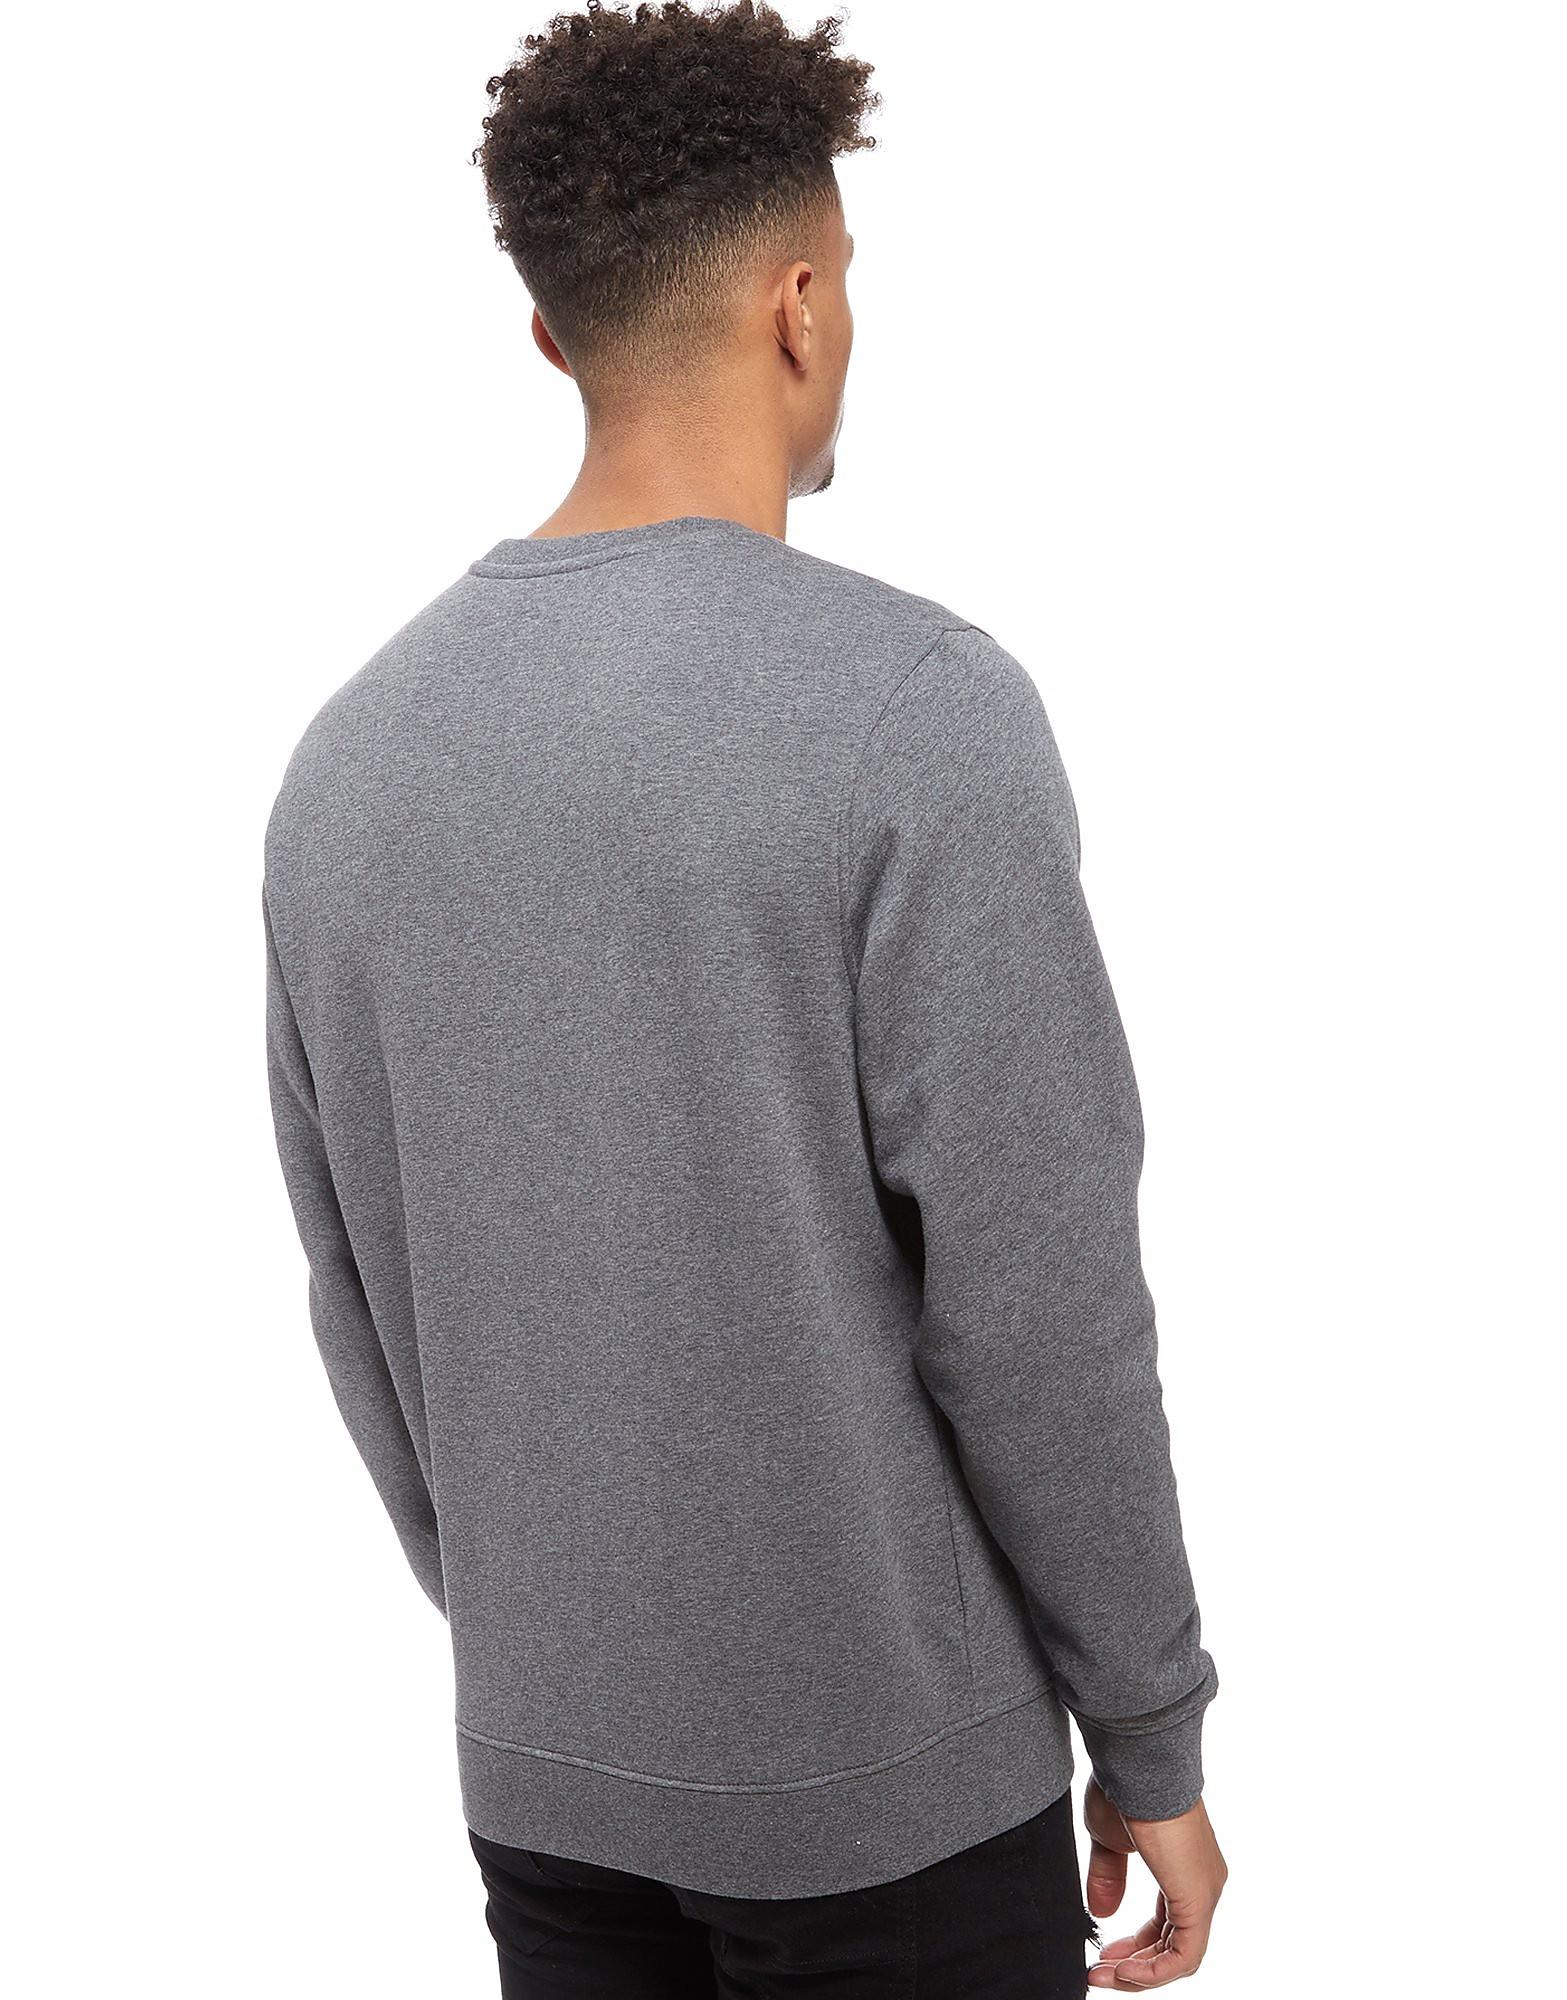 Lacoste Core Sweatshirt Heren